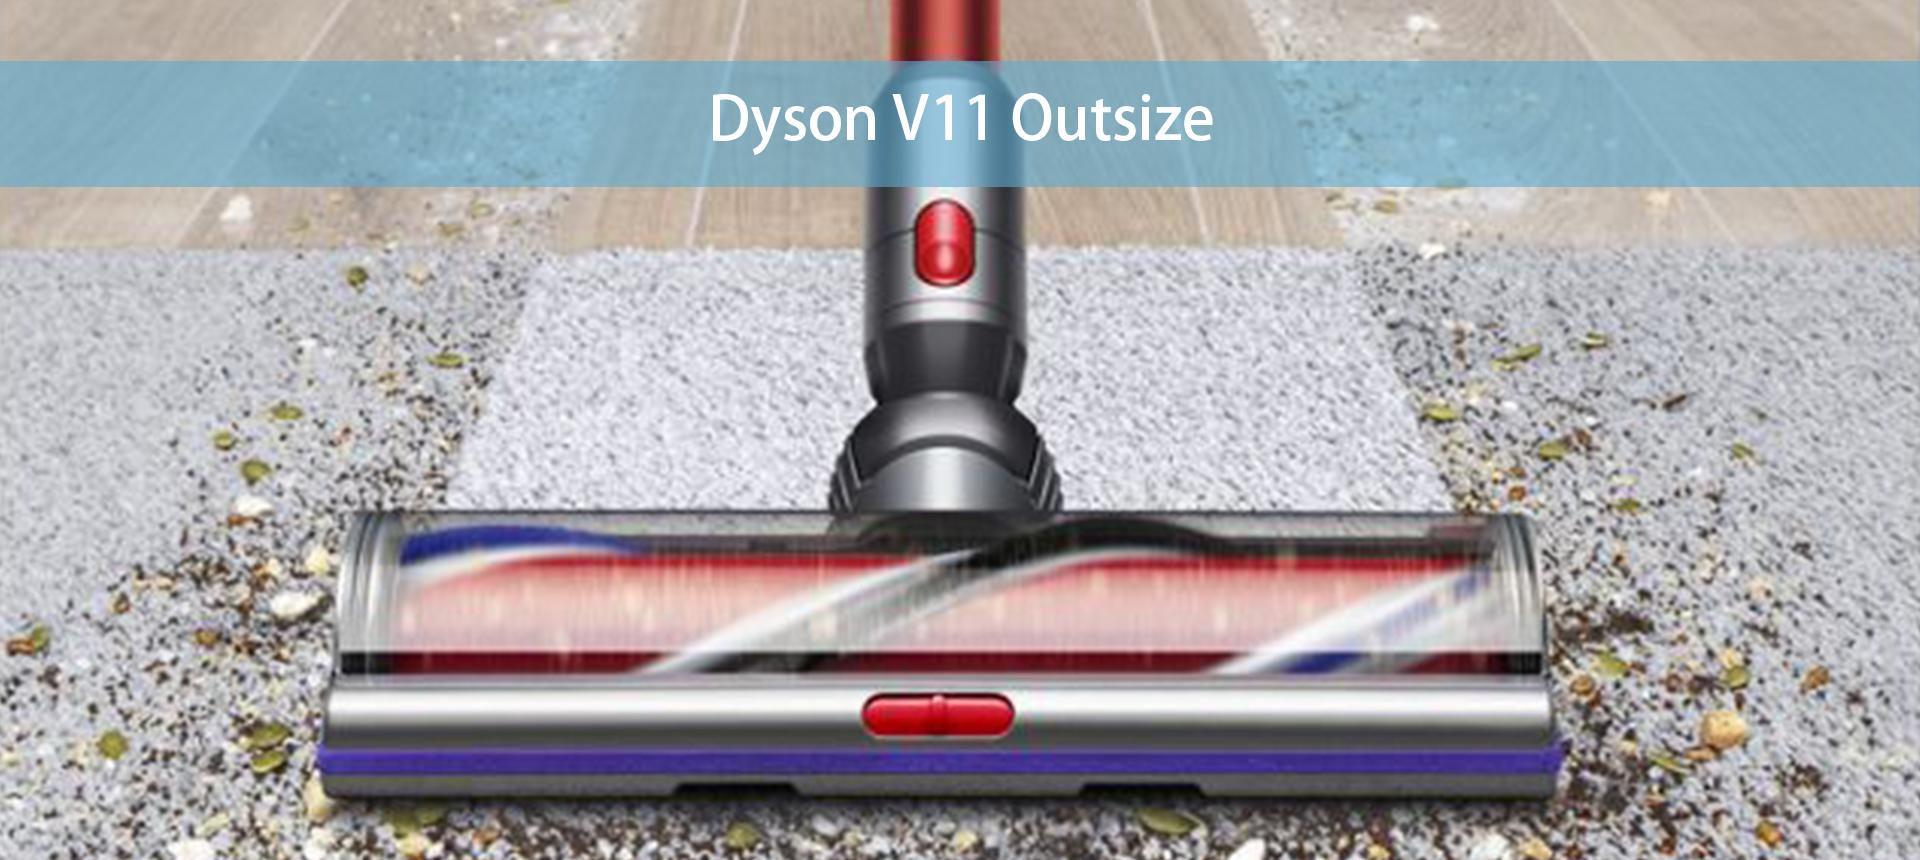 Dyson V11 Outsize